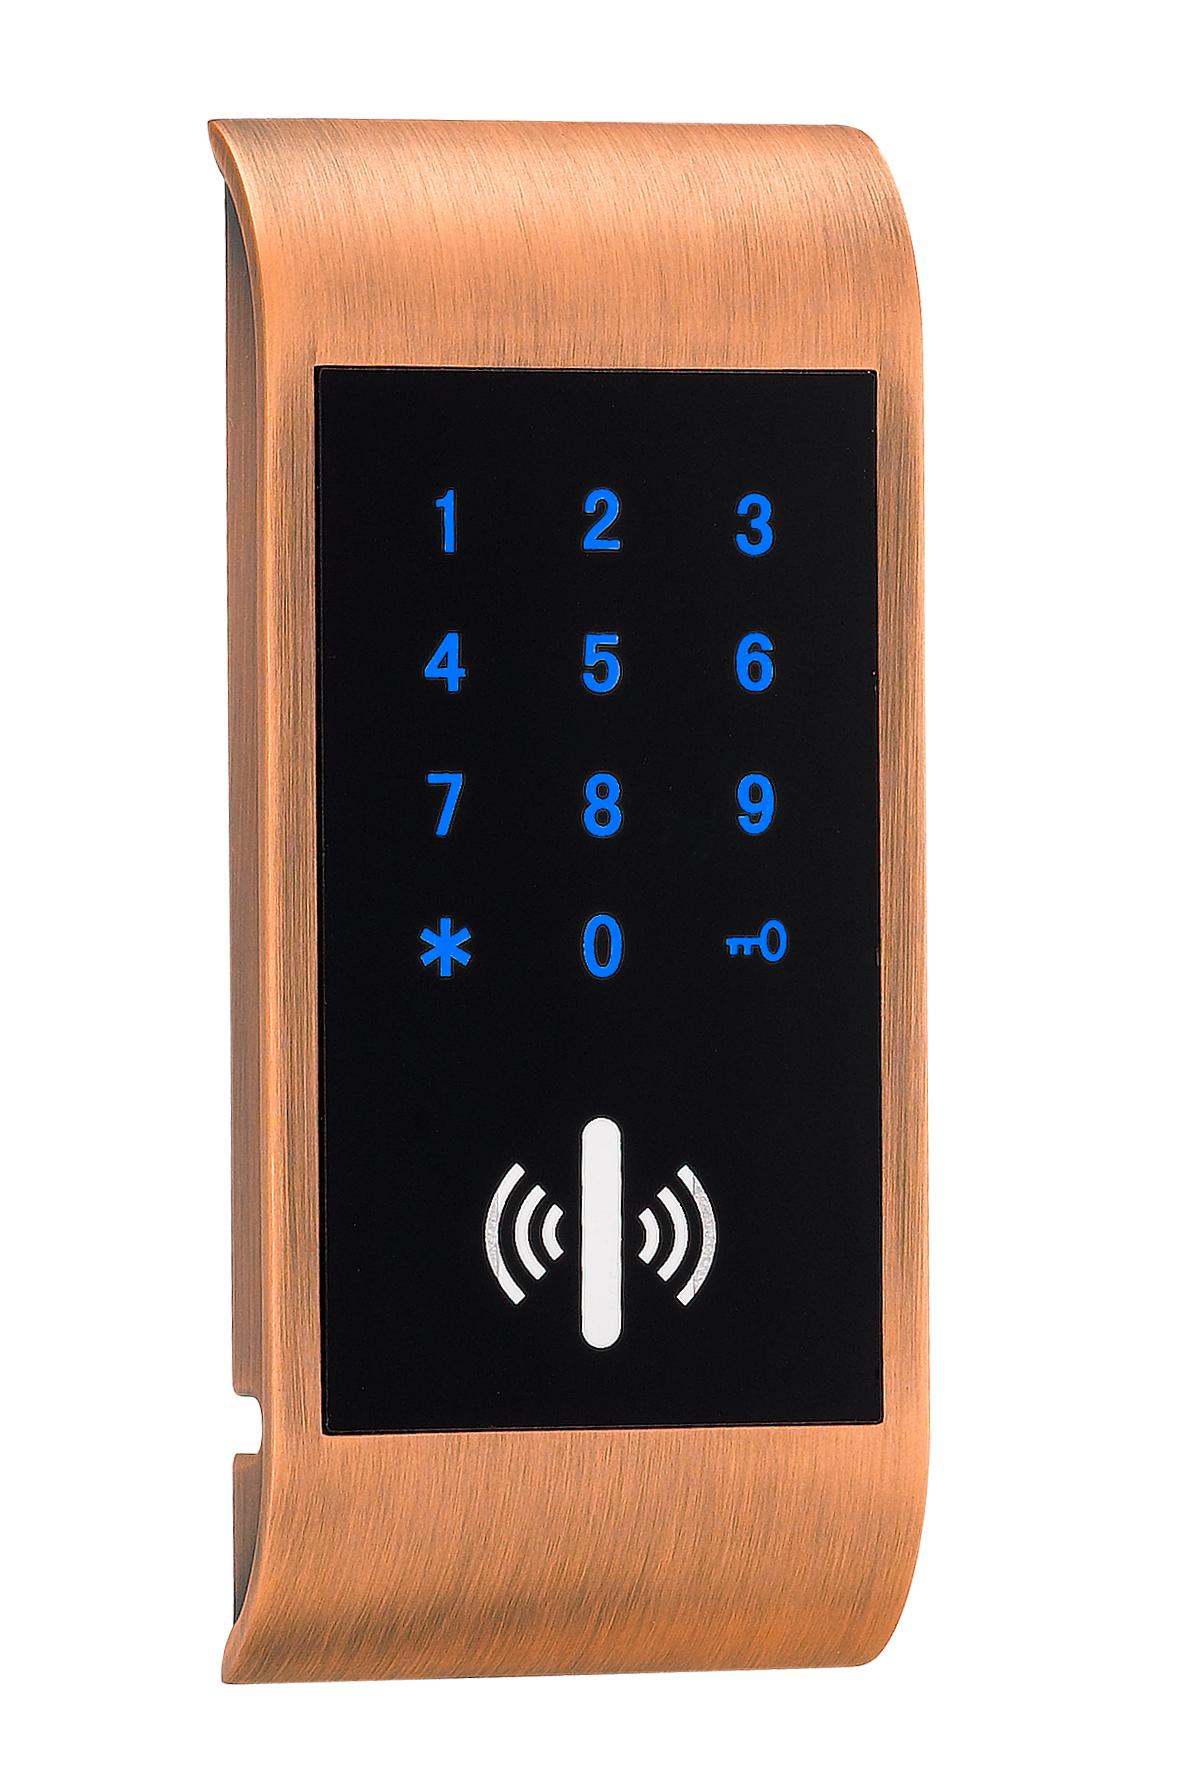 Locking-密码126-红古铜  桑拿锁